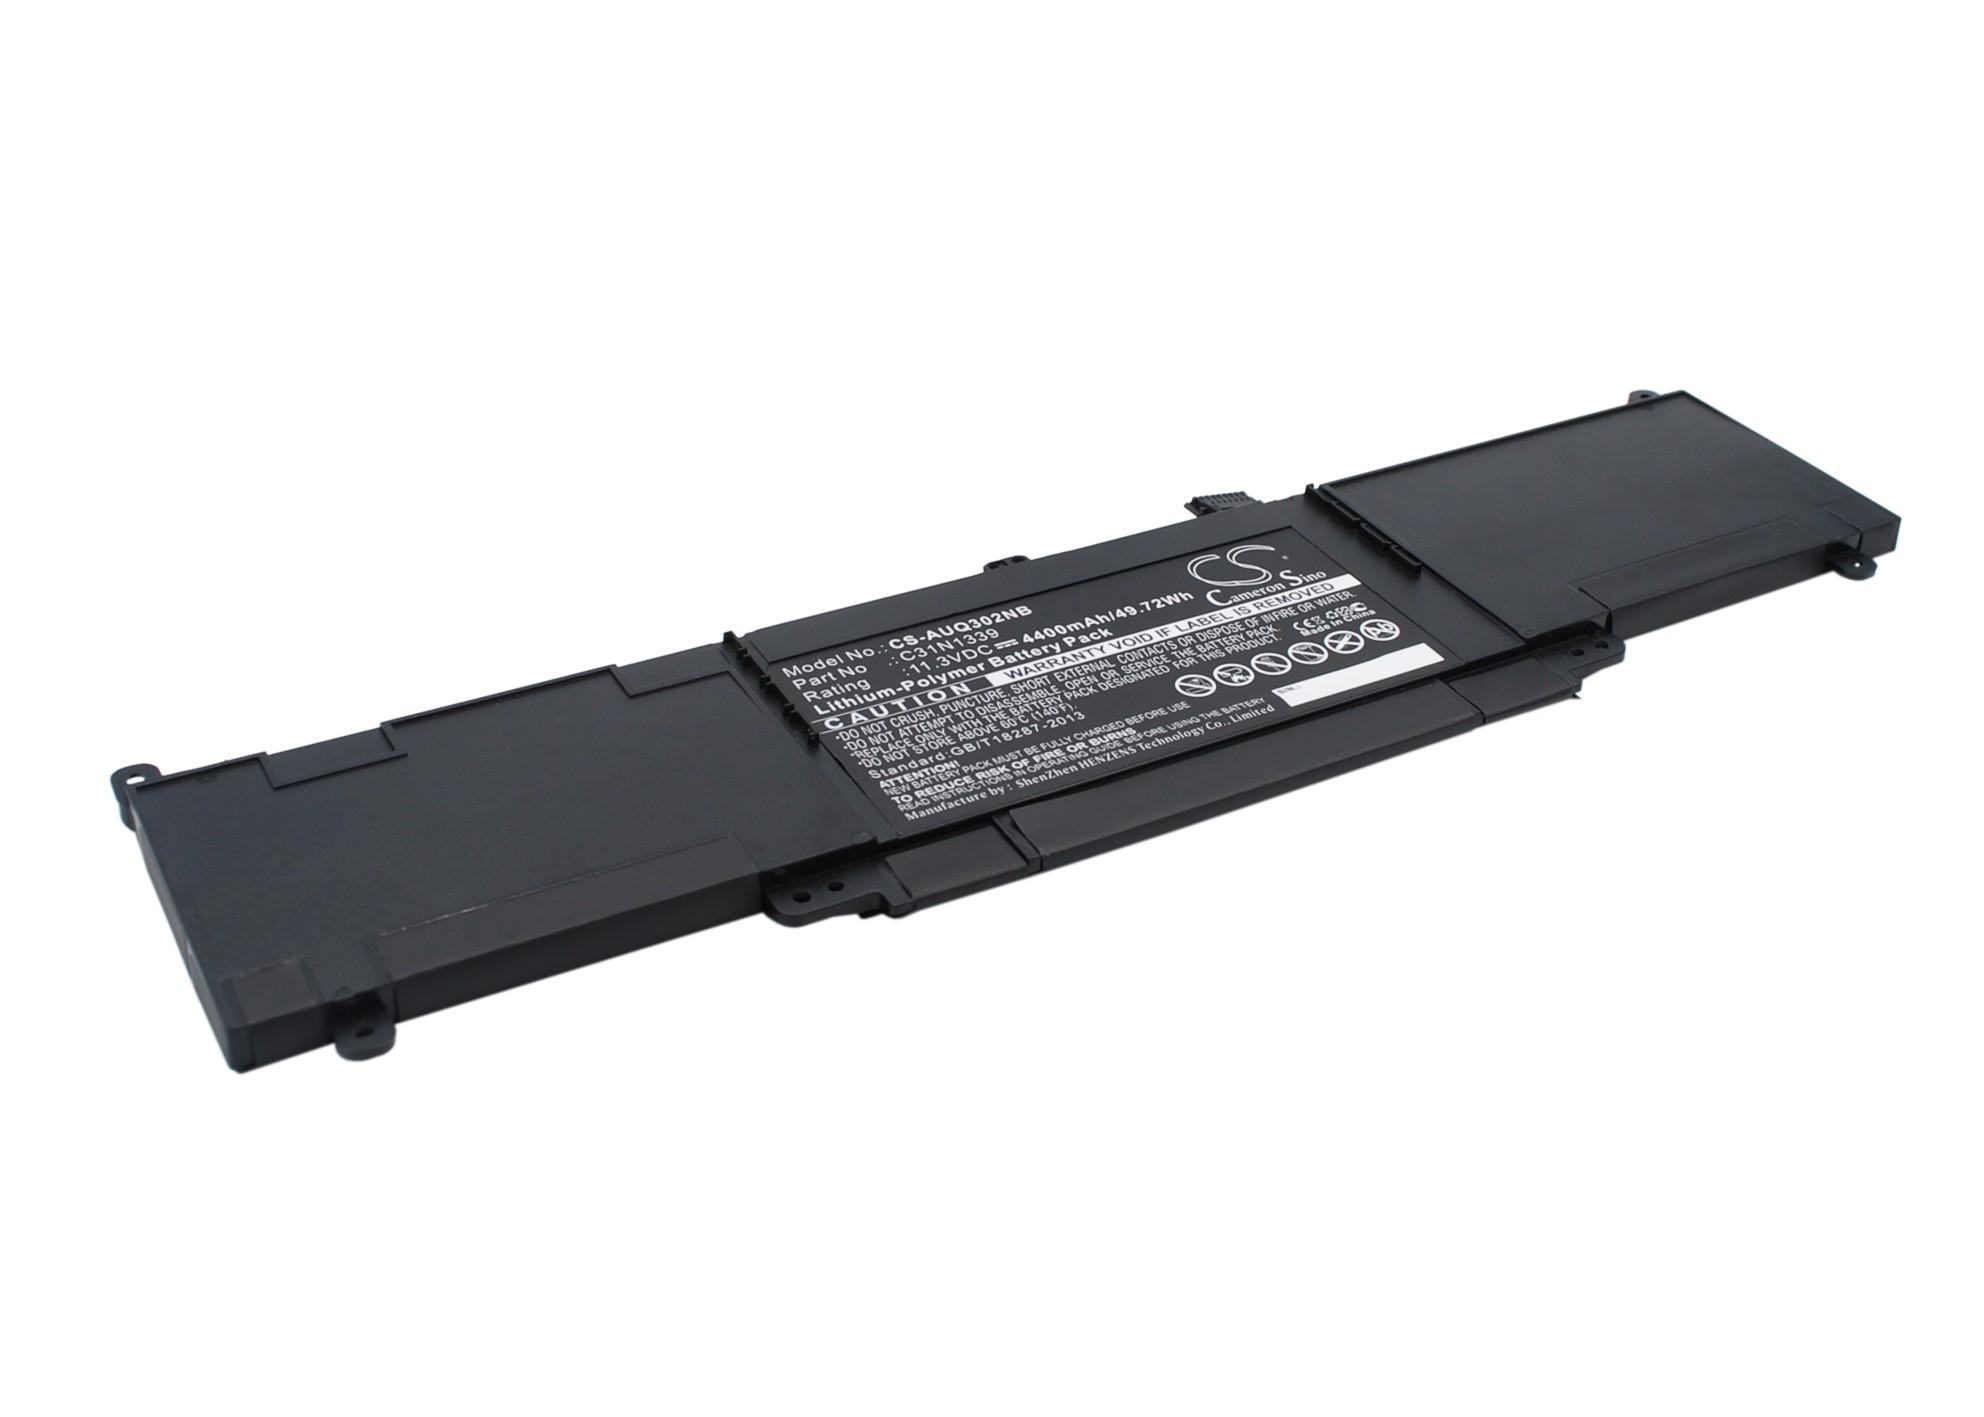 Батерия  за лаптоп ASUS CS-AUQ302NB C311339 Asus Q302L, Q302LA 11.3 4300mAh CAMERON SINO